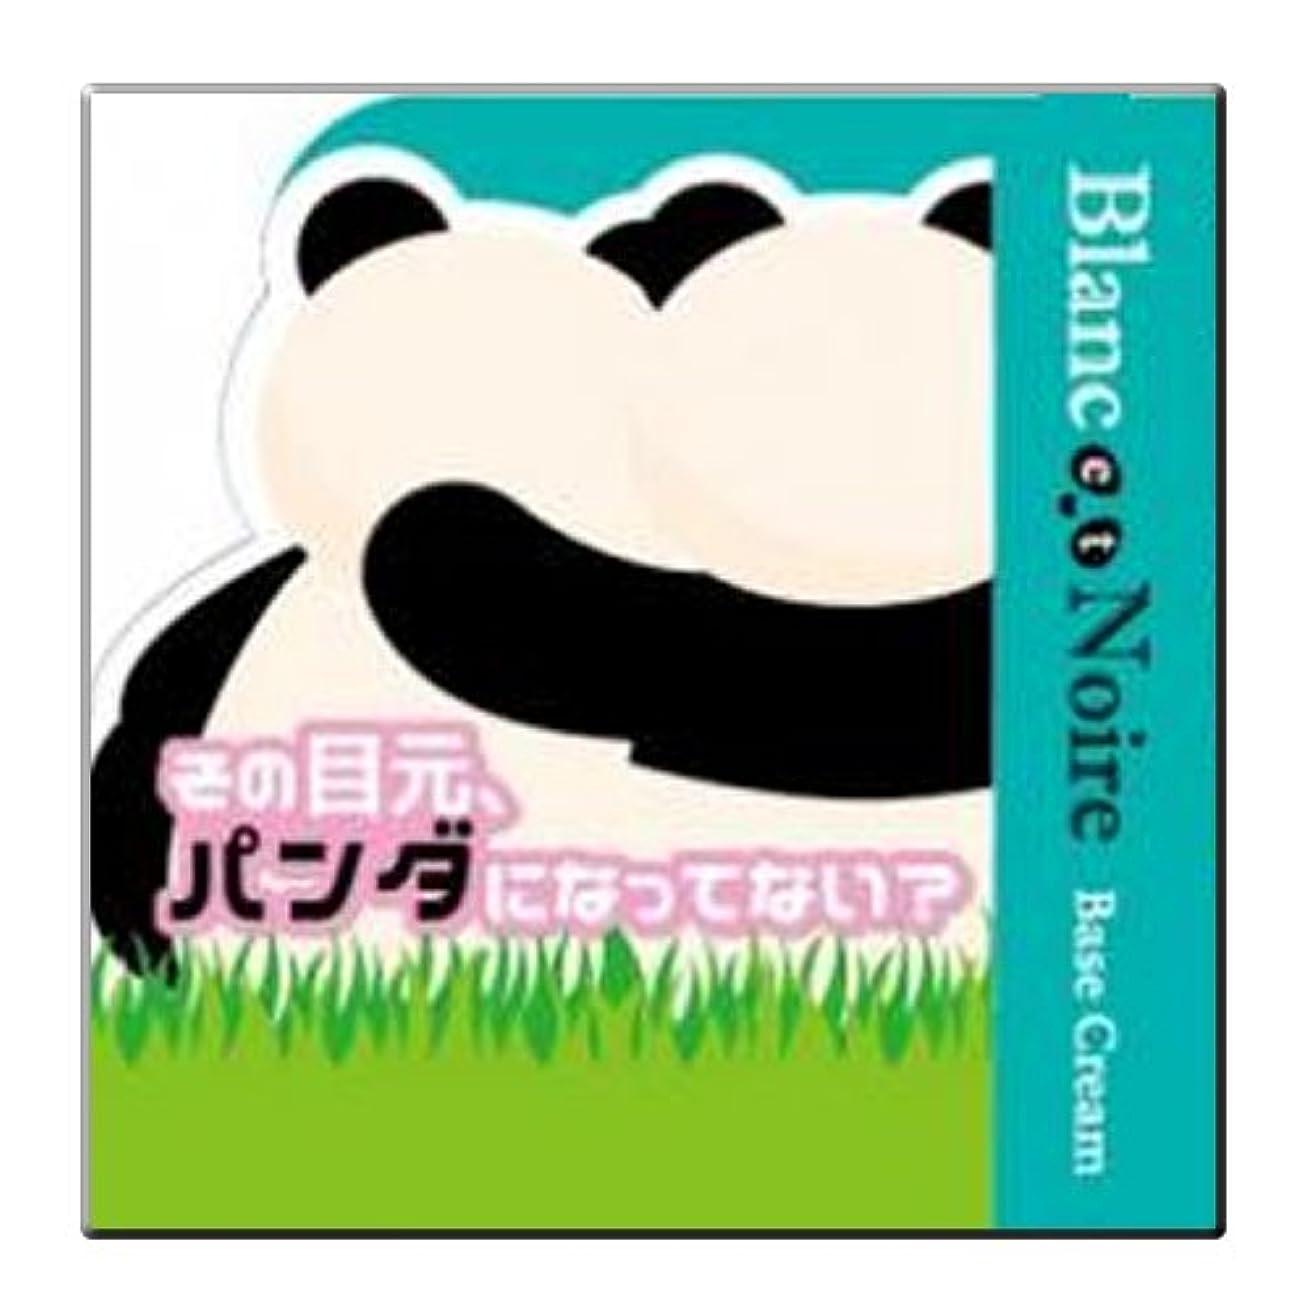 先見の明未使用ノベルティBlanc et Noire(ブラン エ ノアール) Base Cream(ベースクリーム) 薬用美白クリームファンデーション 医薬部外品 15g